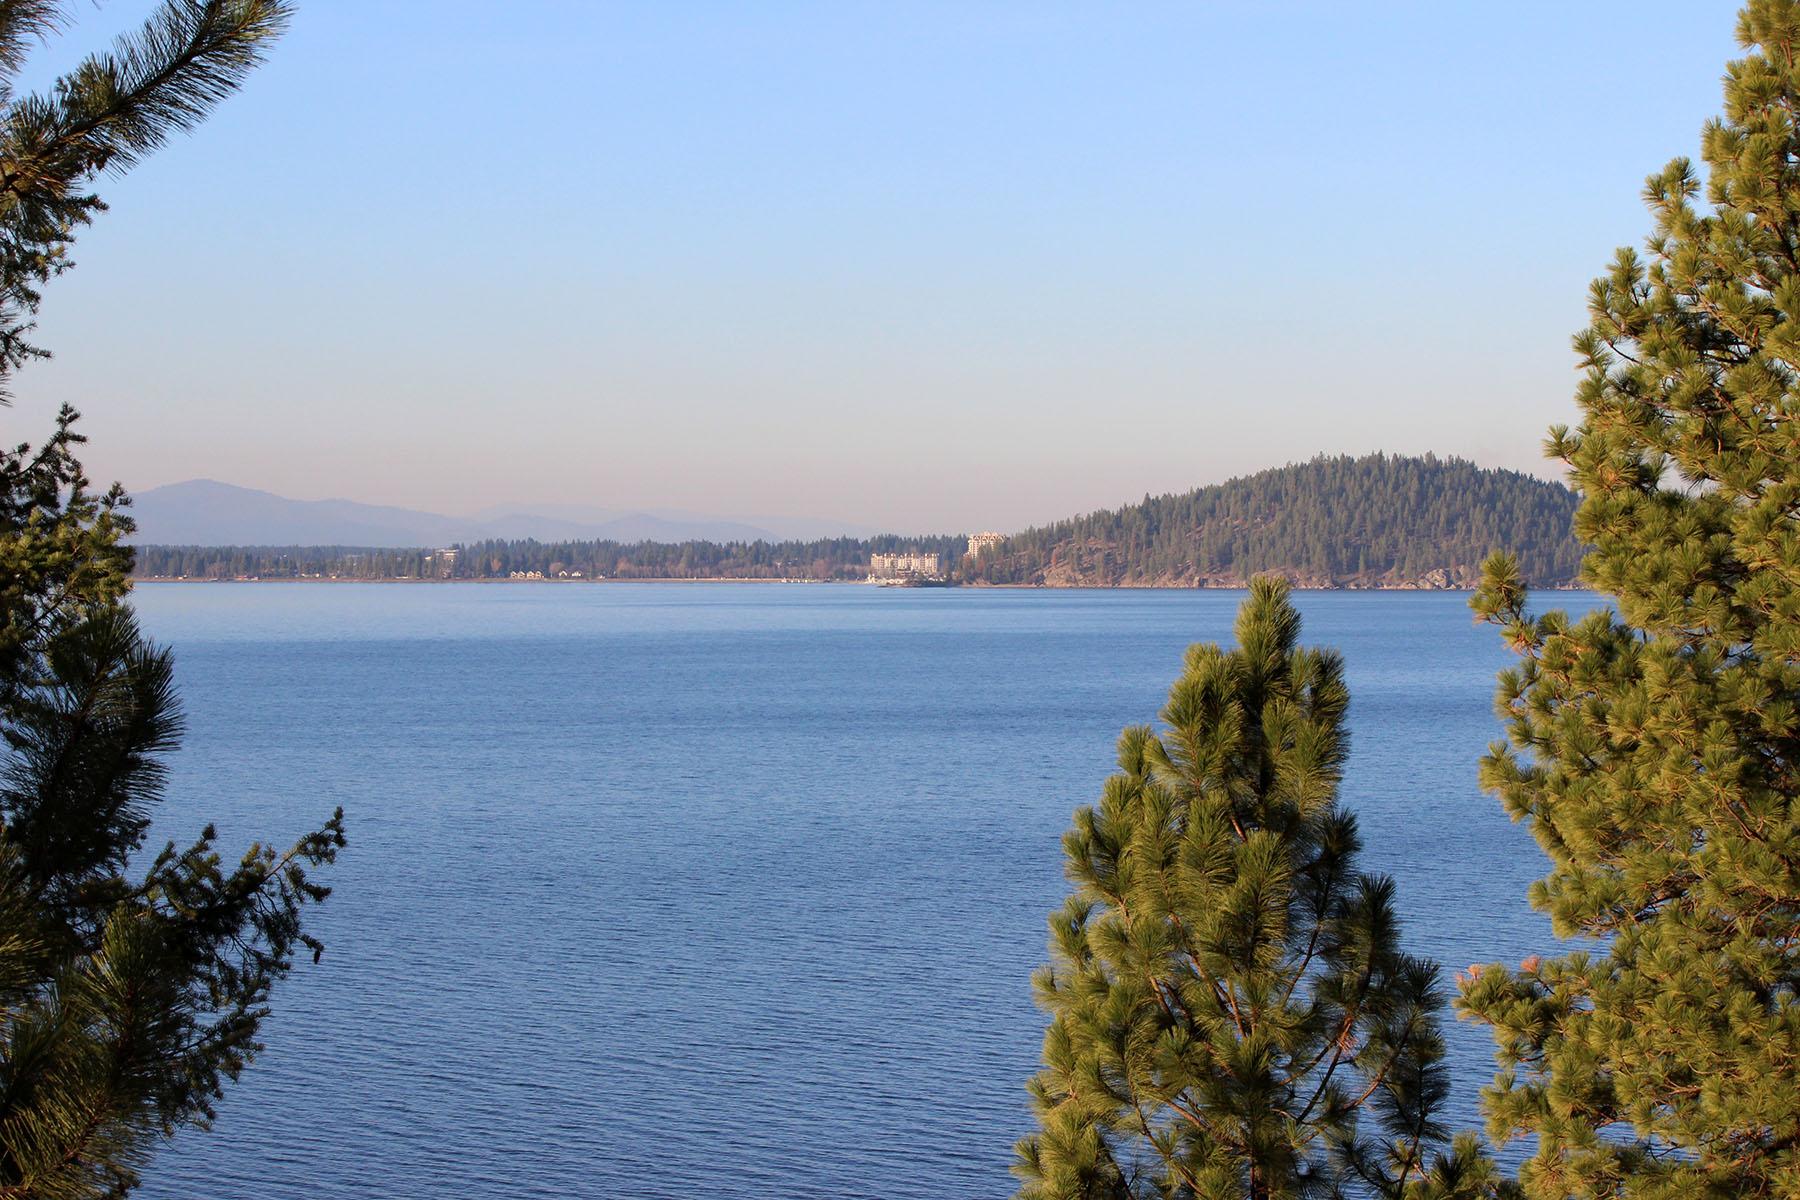 Terreno por un Venta en Vacant Land with waterfront views 5445 S Catamaran Dr Harrison, Idaho, 83833 Estados Unidos